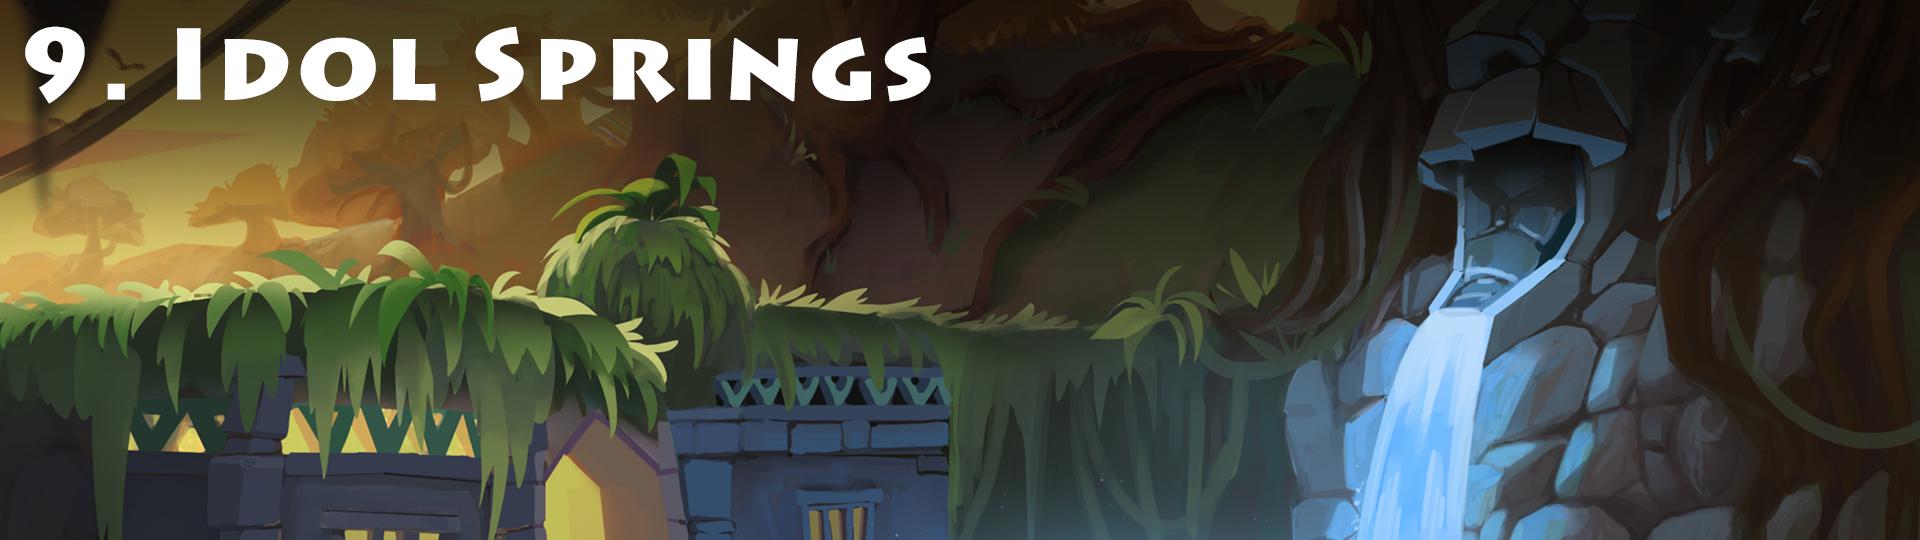 8. Idol Springs